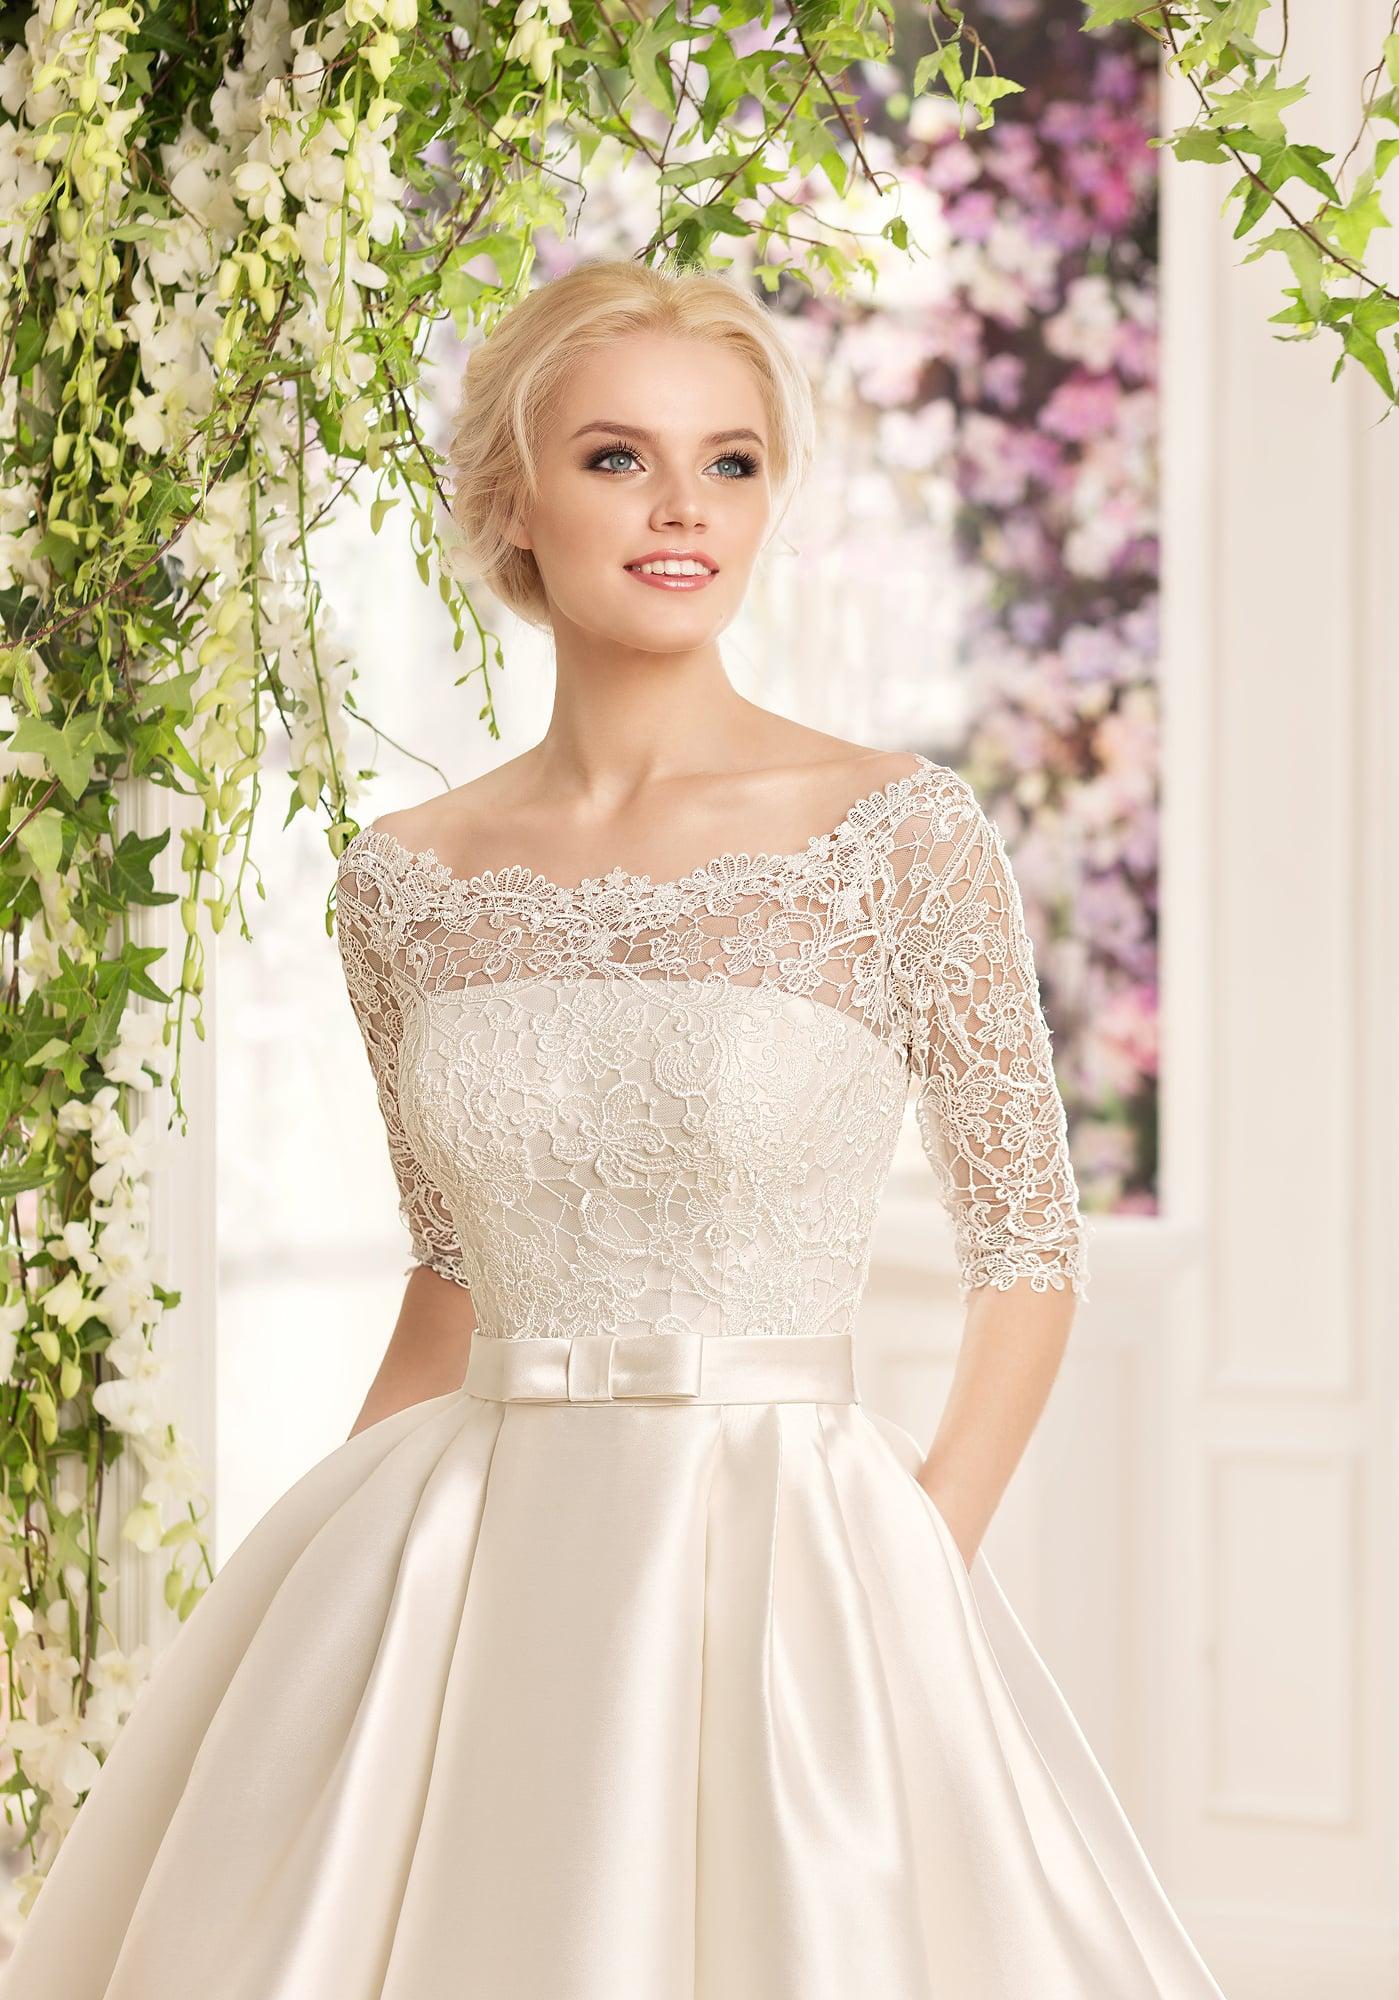 операции раз посмотреть фото платьев на свадьбу торопясь расхаживал площади